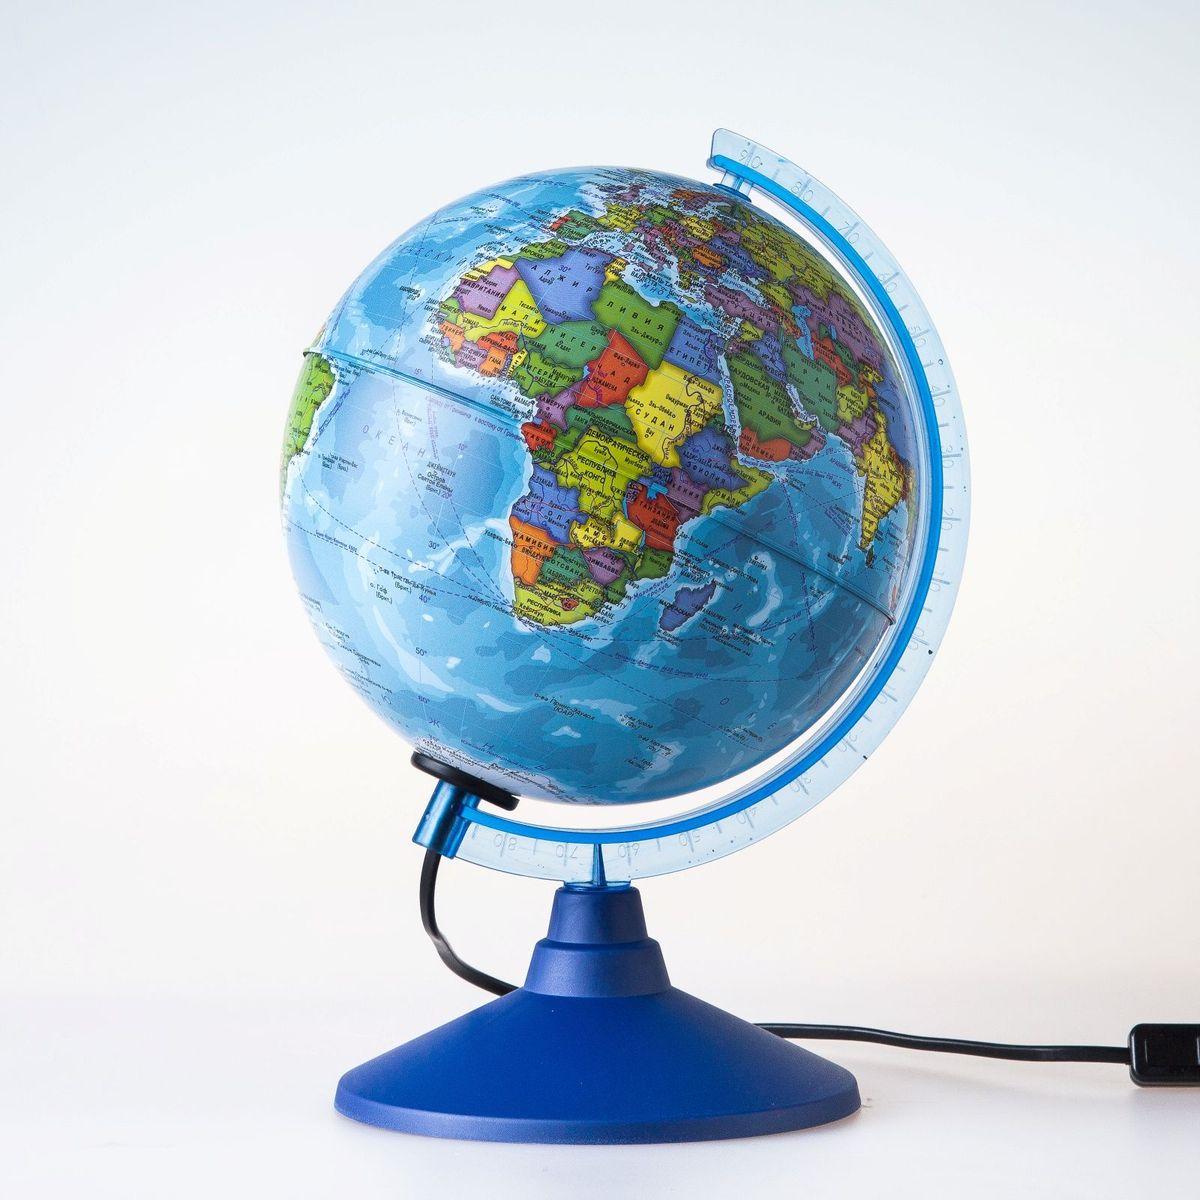 Глобен Глобус политический Классик Евро с подсветкой диаметр 15 см